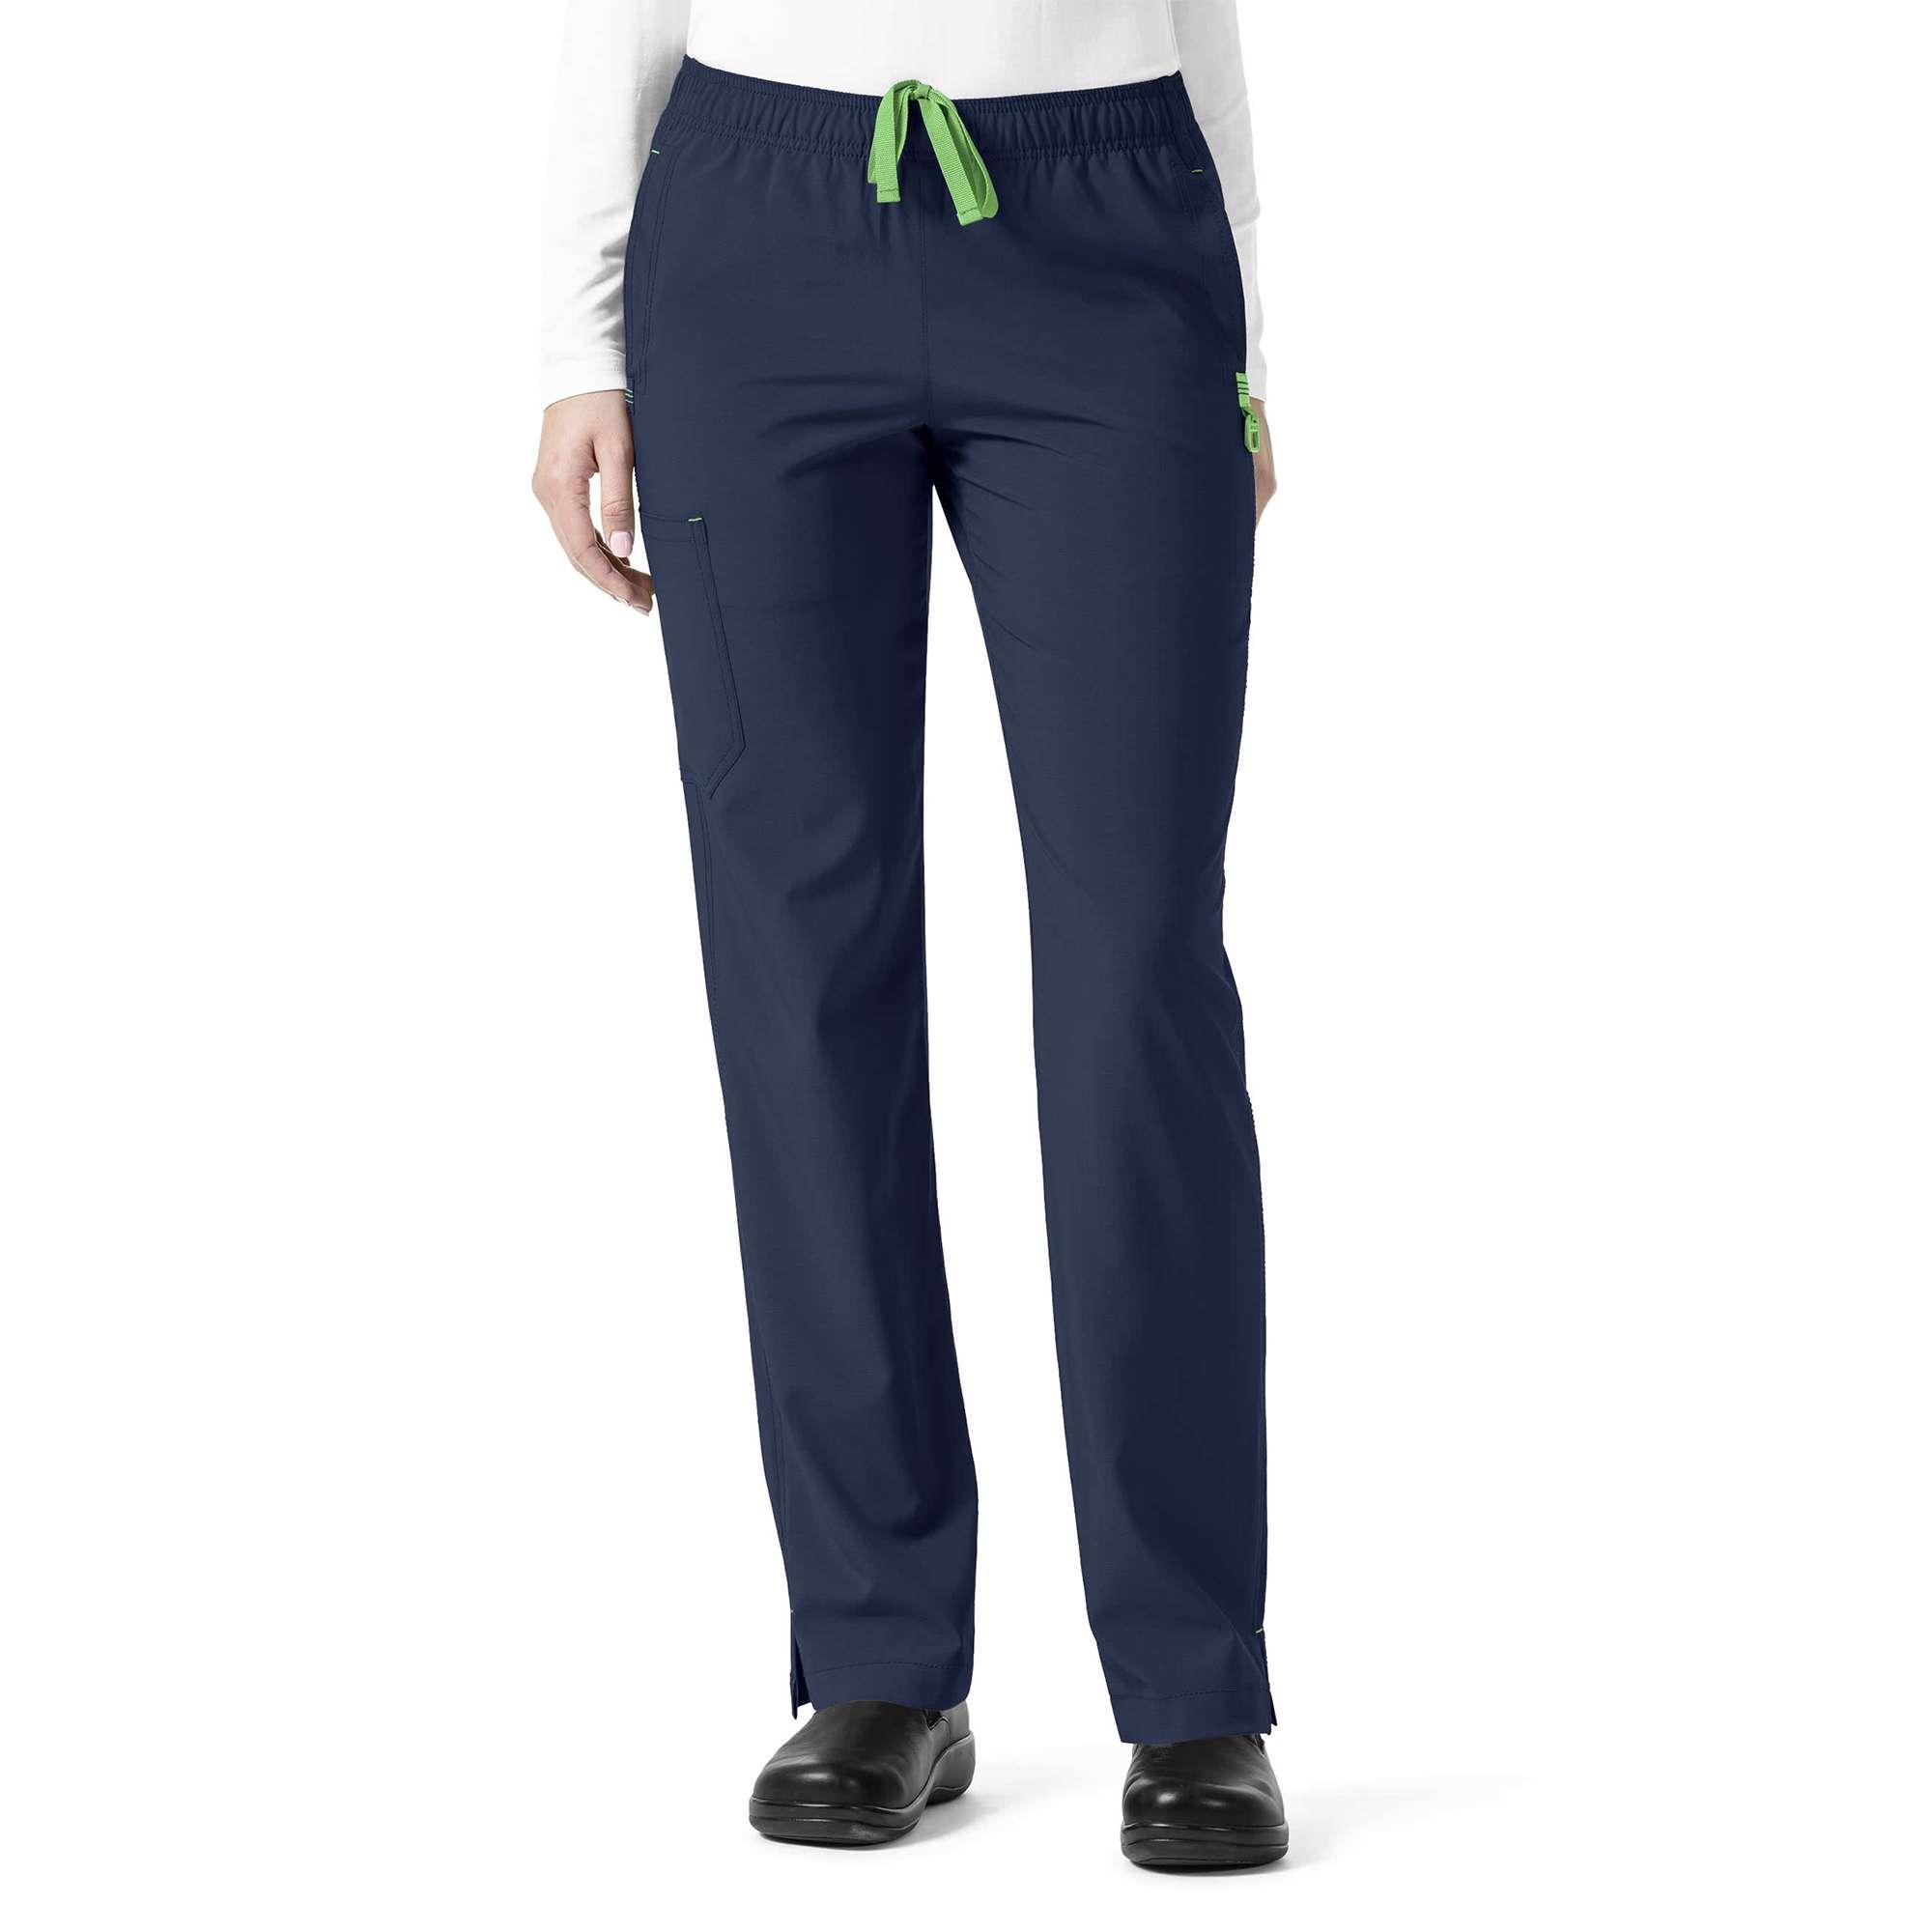 Carhartt Full Elastic Slim Leg Pant